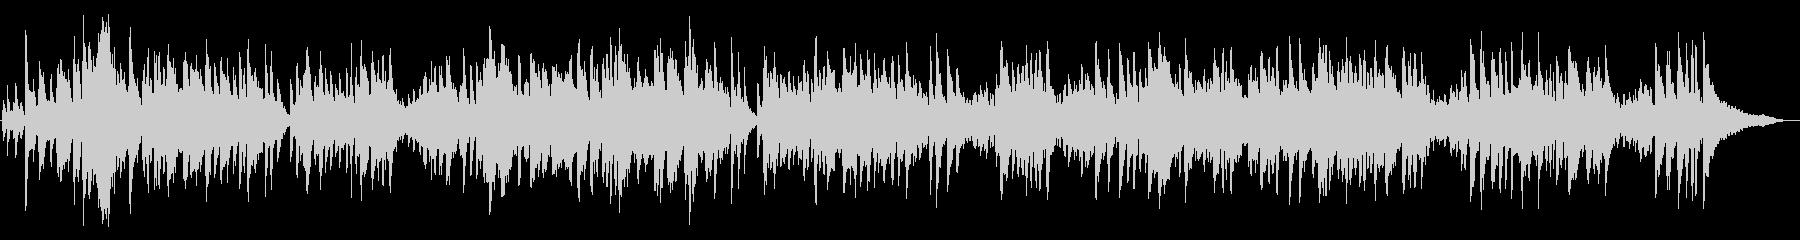 ピアノソロ~明るいファストスウィング♪の未再生の波形